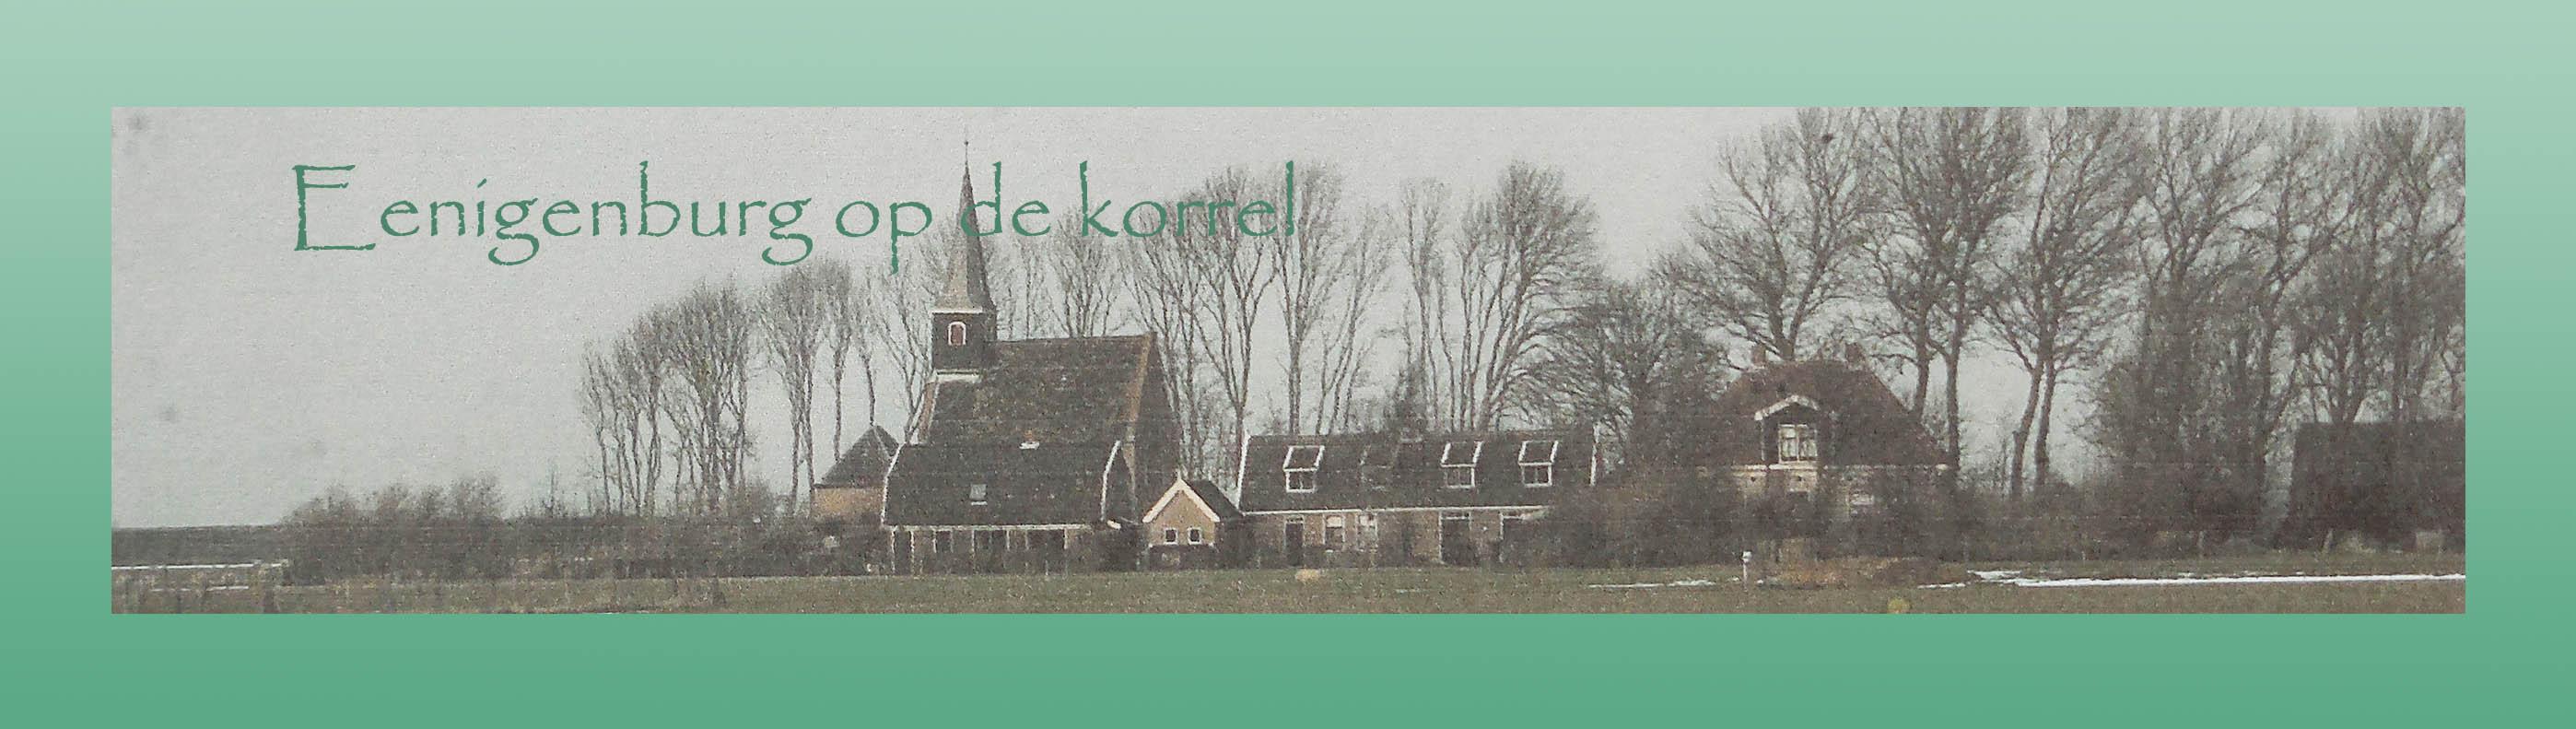 Eenigenburg op de korrel